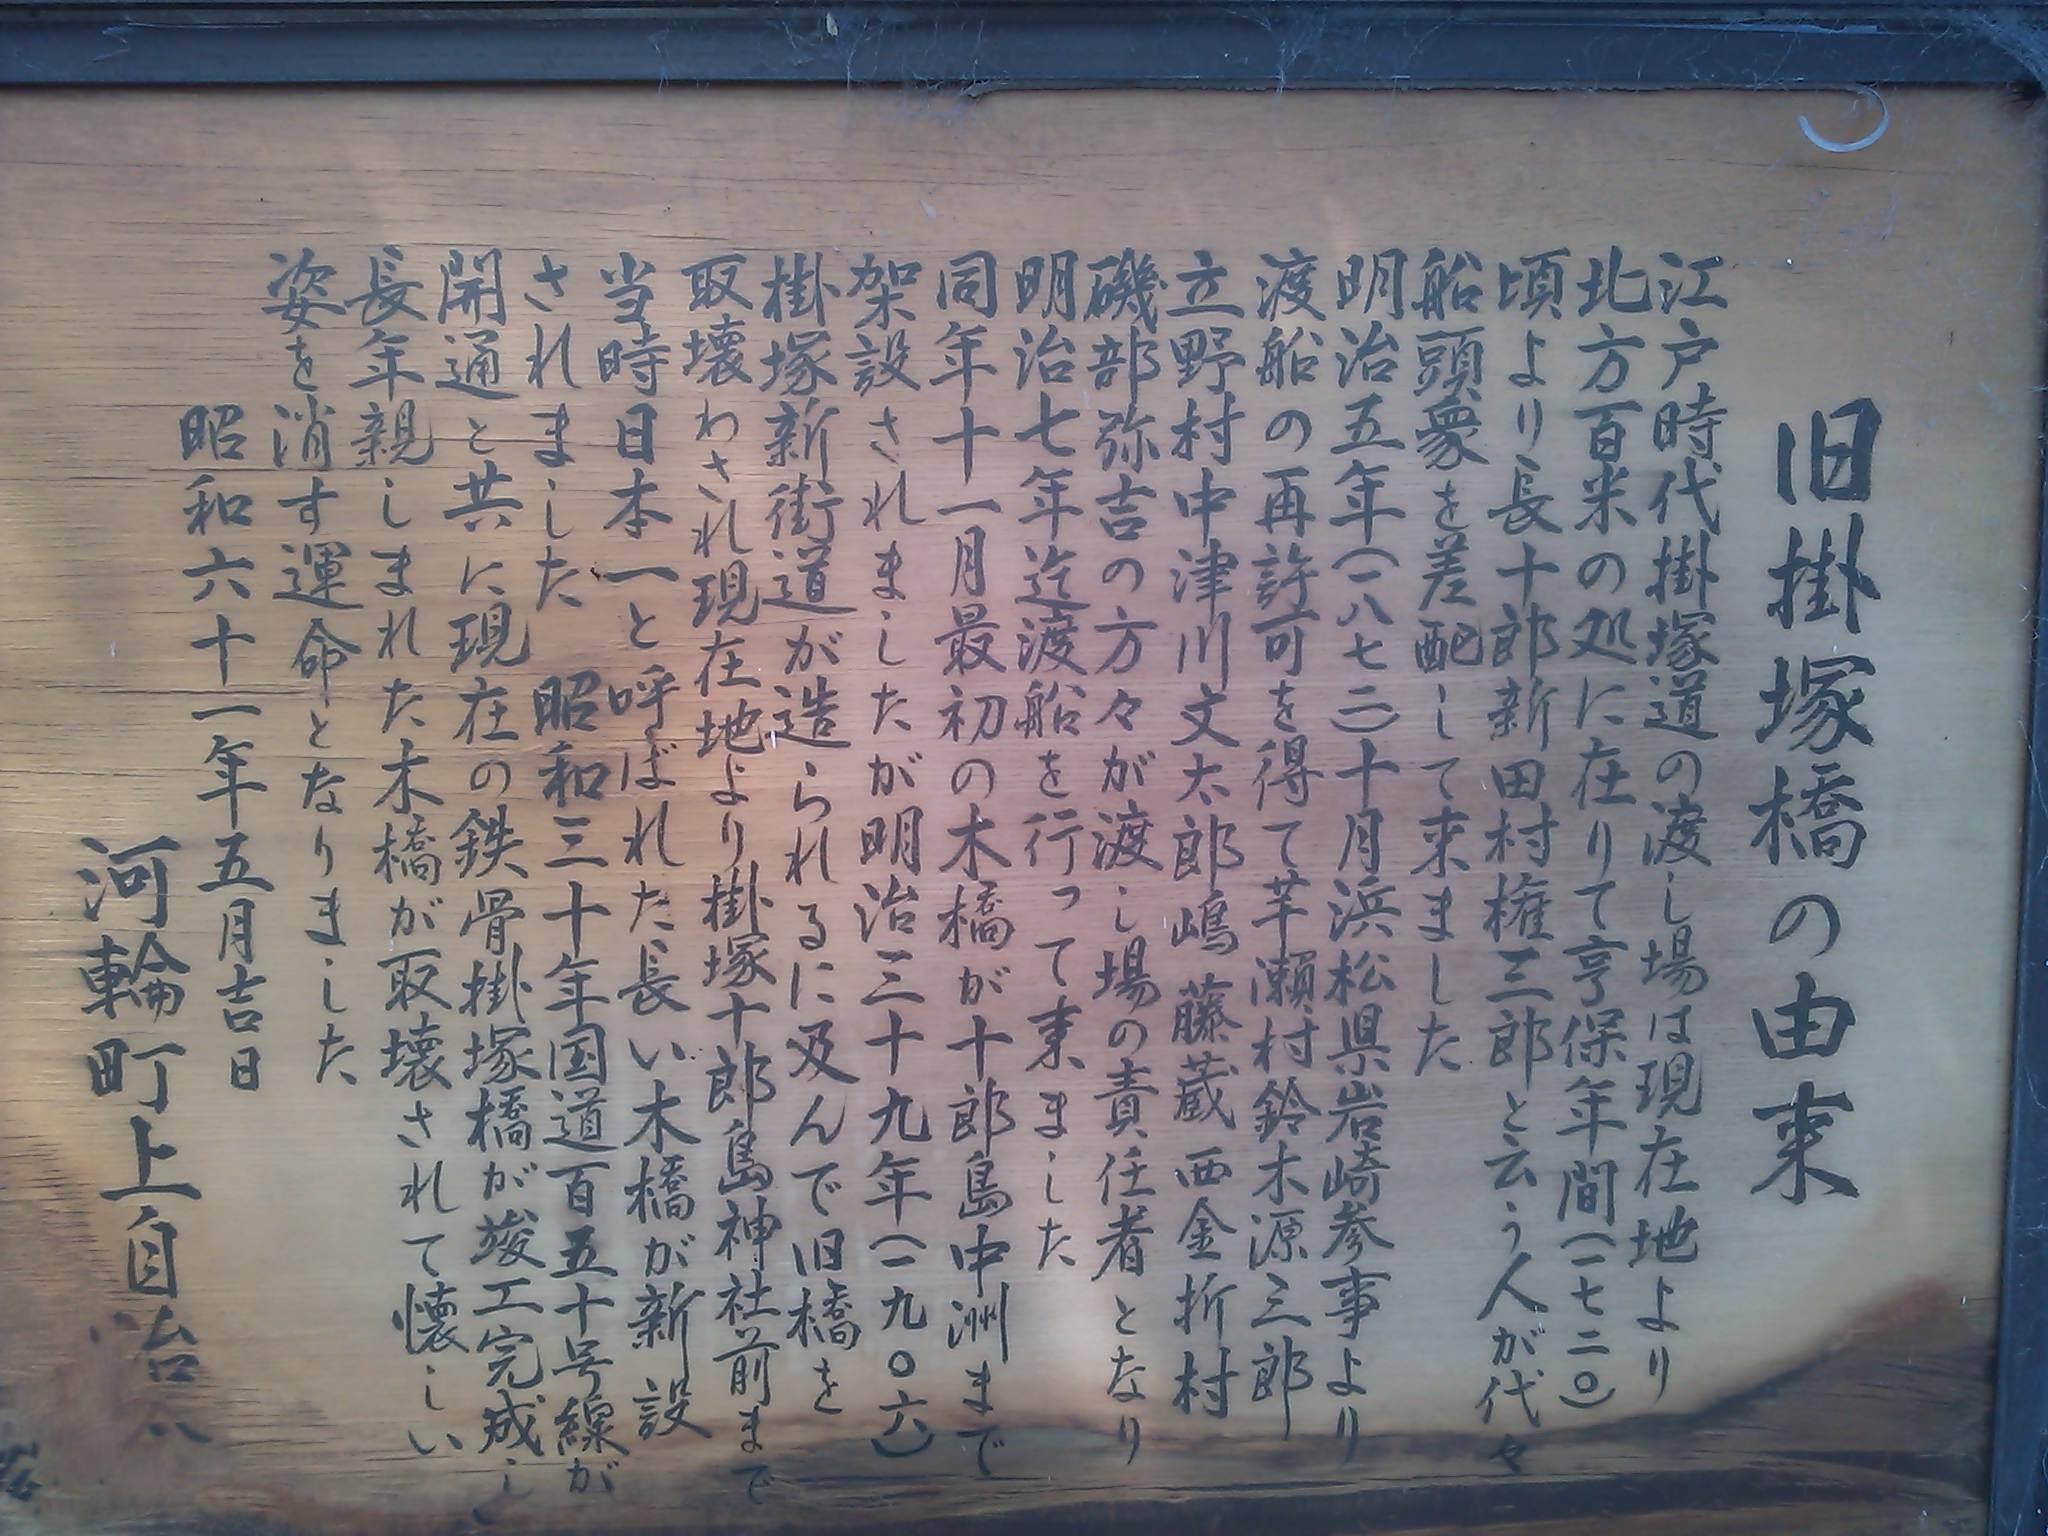 旧掛塚橋跡